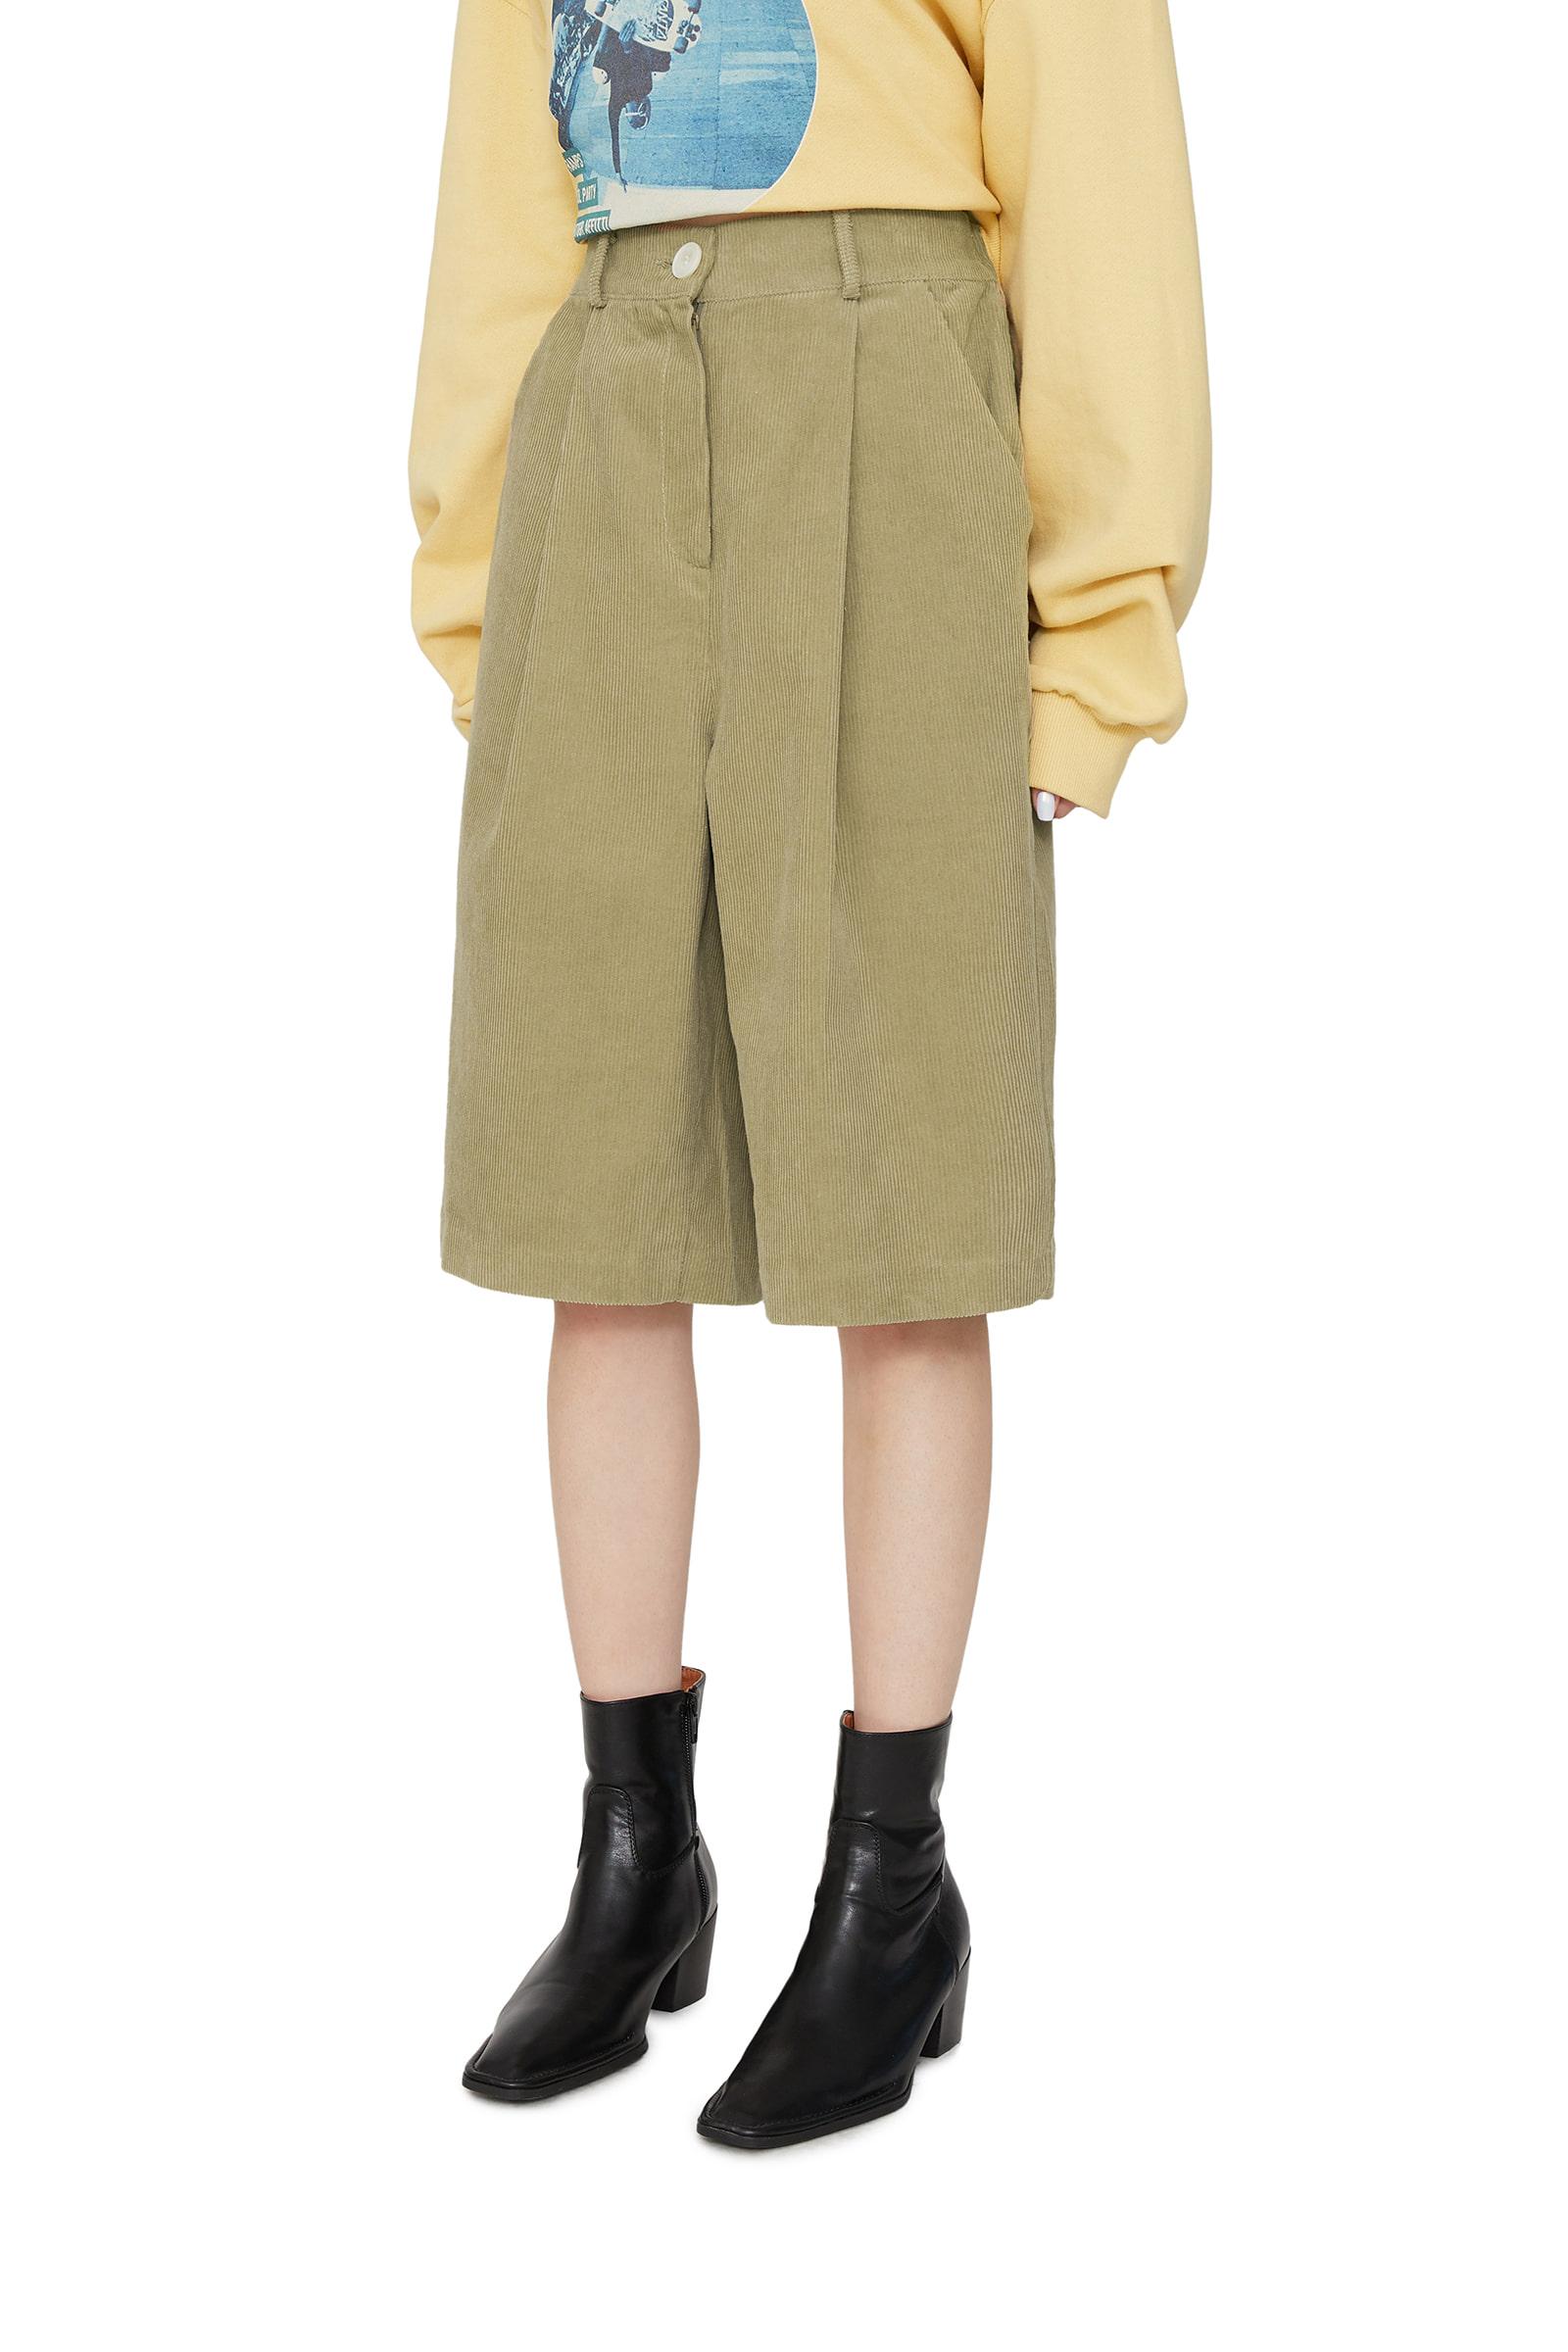 Delma corduroy half shorts